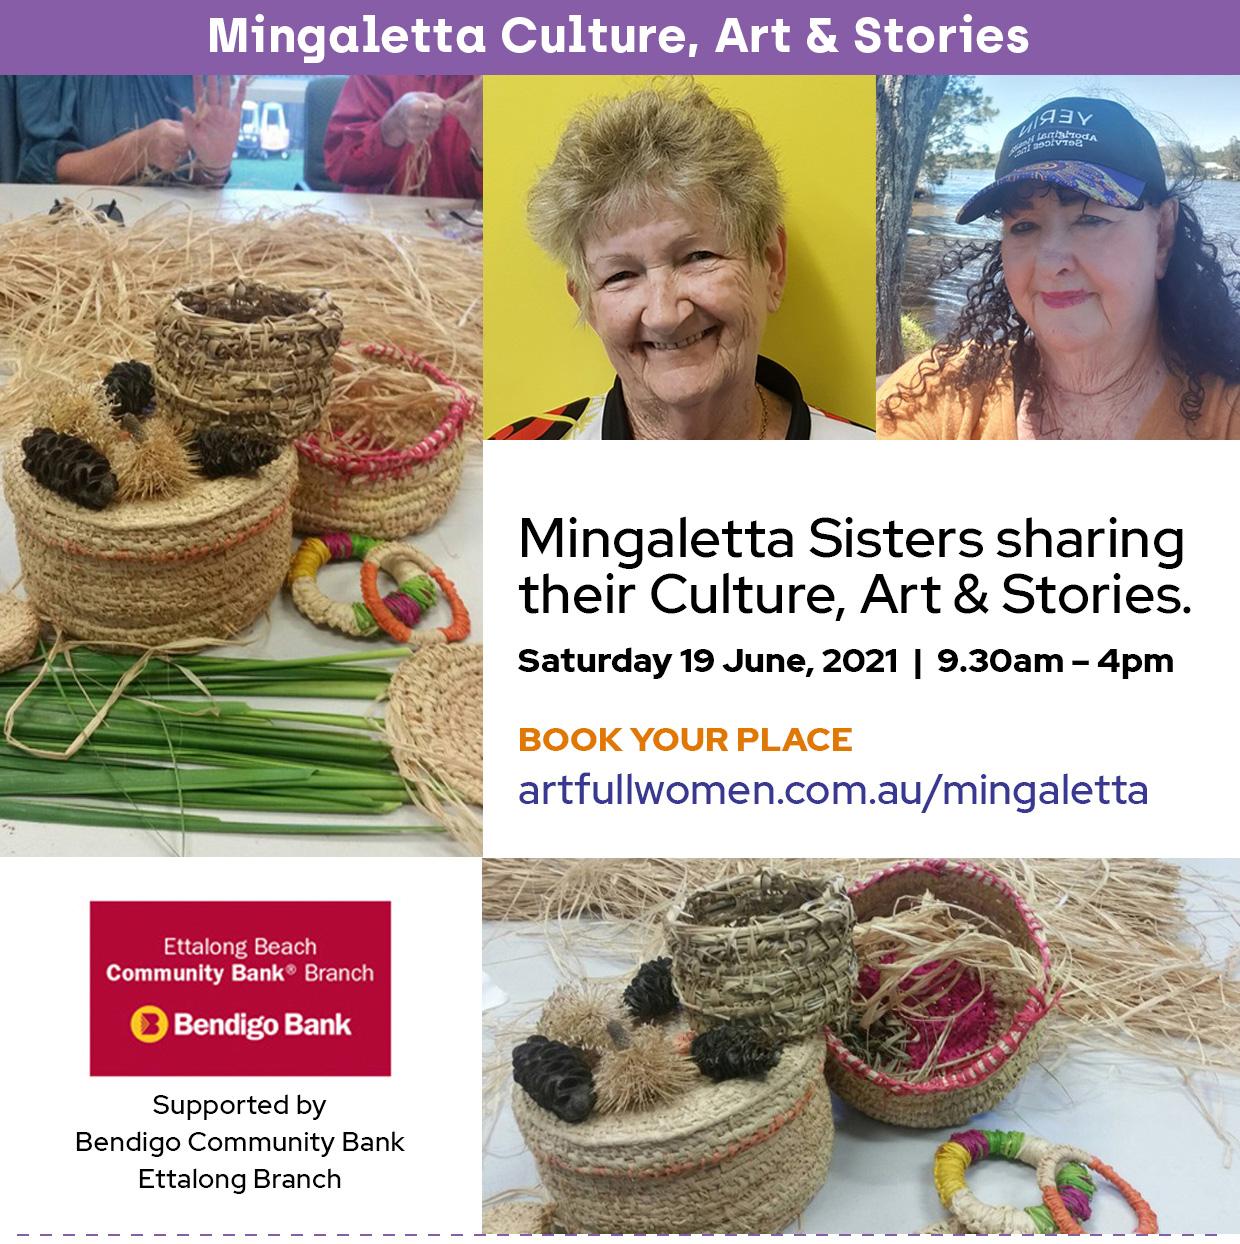 Mingaletta Culture, Art & Stories